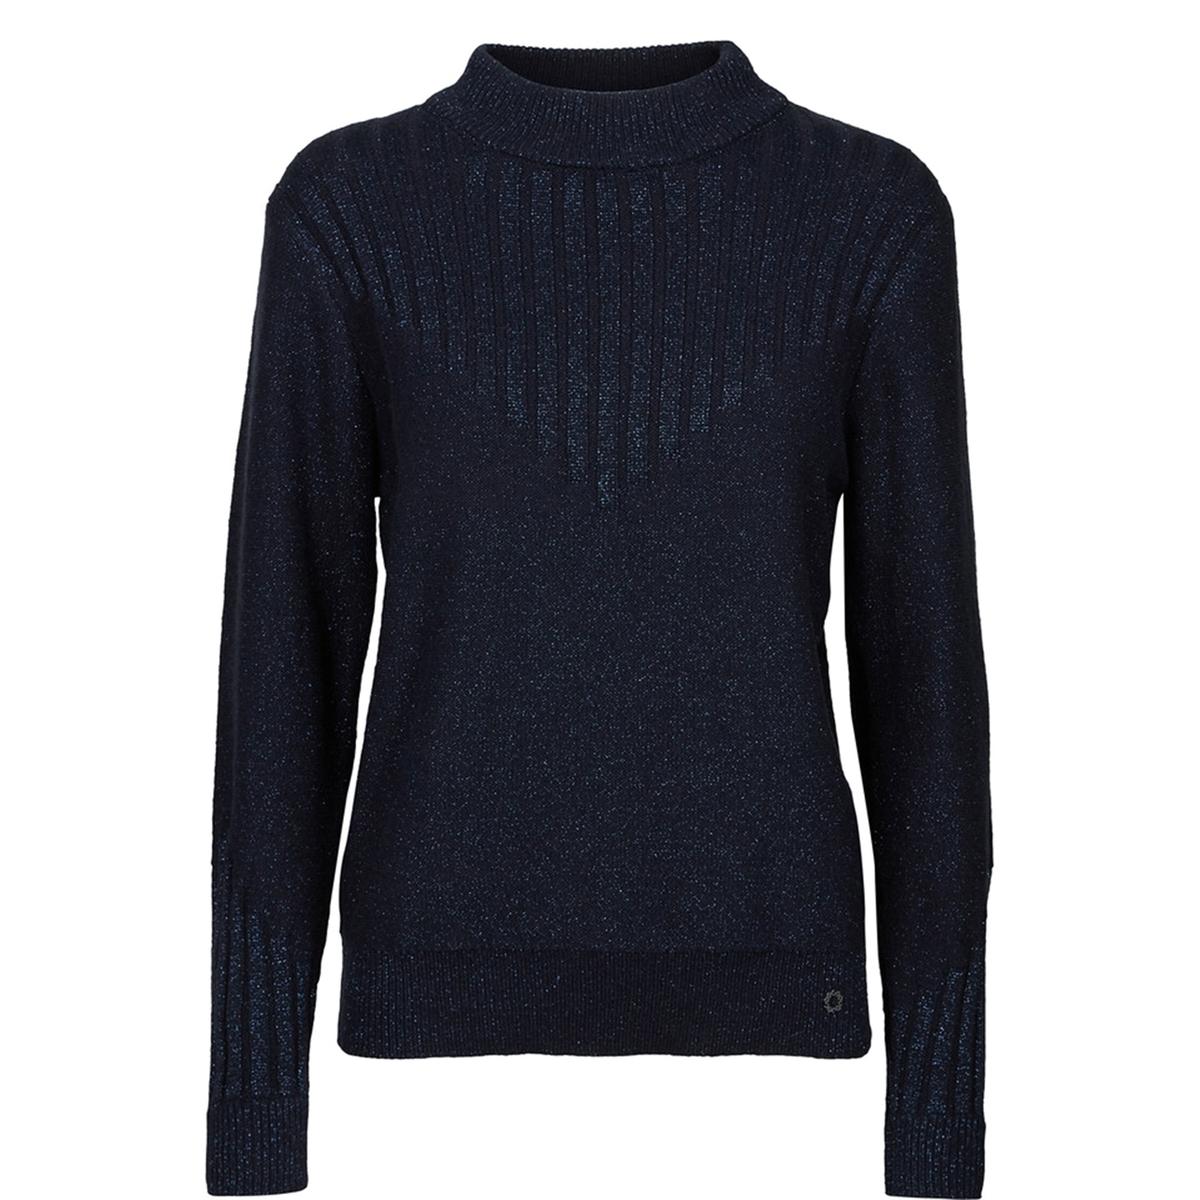 Пуловер с высоким воротником BarbaraСостав и описаниеМатериал : 42% хлопка, 24% полиамида, 20% волокон с металлическим блеском, 10% шерстиУходСледуйте рекомендациям по уходу, указанным на этикетке изделия<br><br>Цвет: темно-синий<br>Размер: M.XL